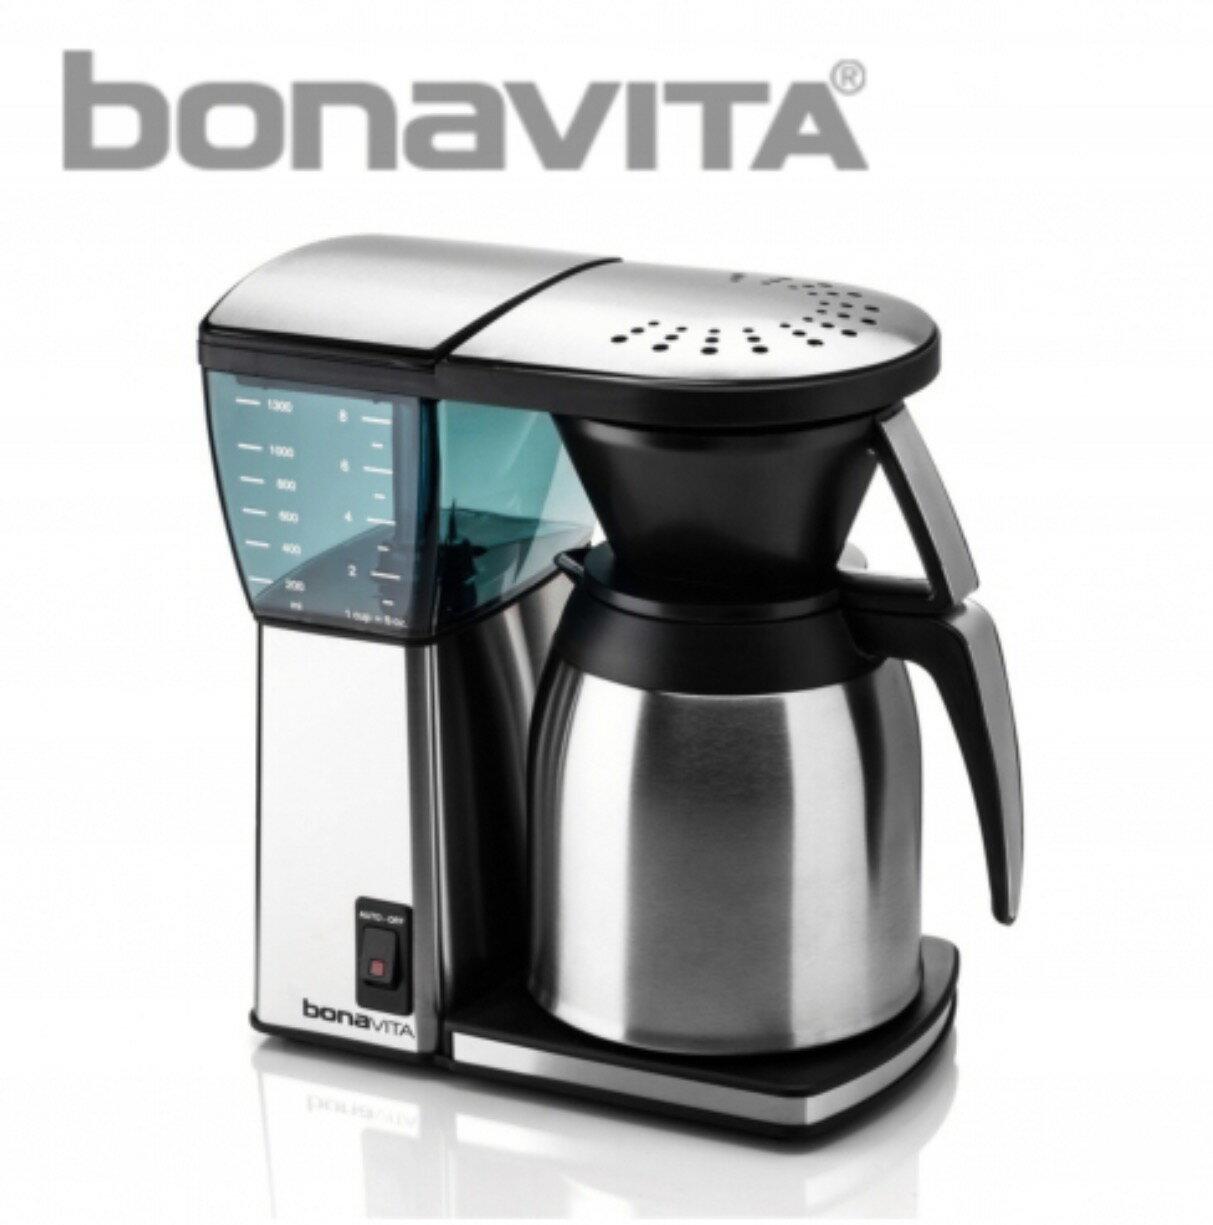 二台BONAVITA 專業滴漏式保溫壺咖啡機 雙層真空不銹鋼保溫壺款